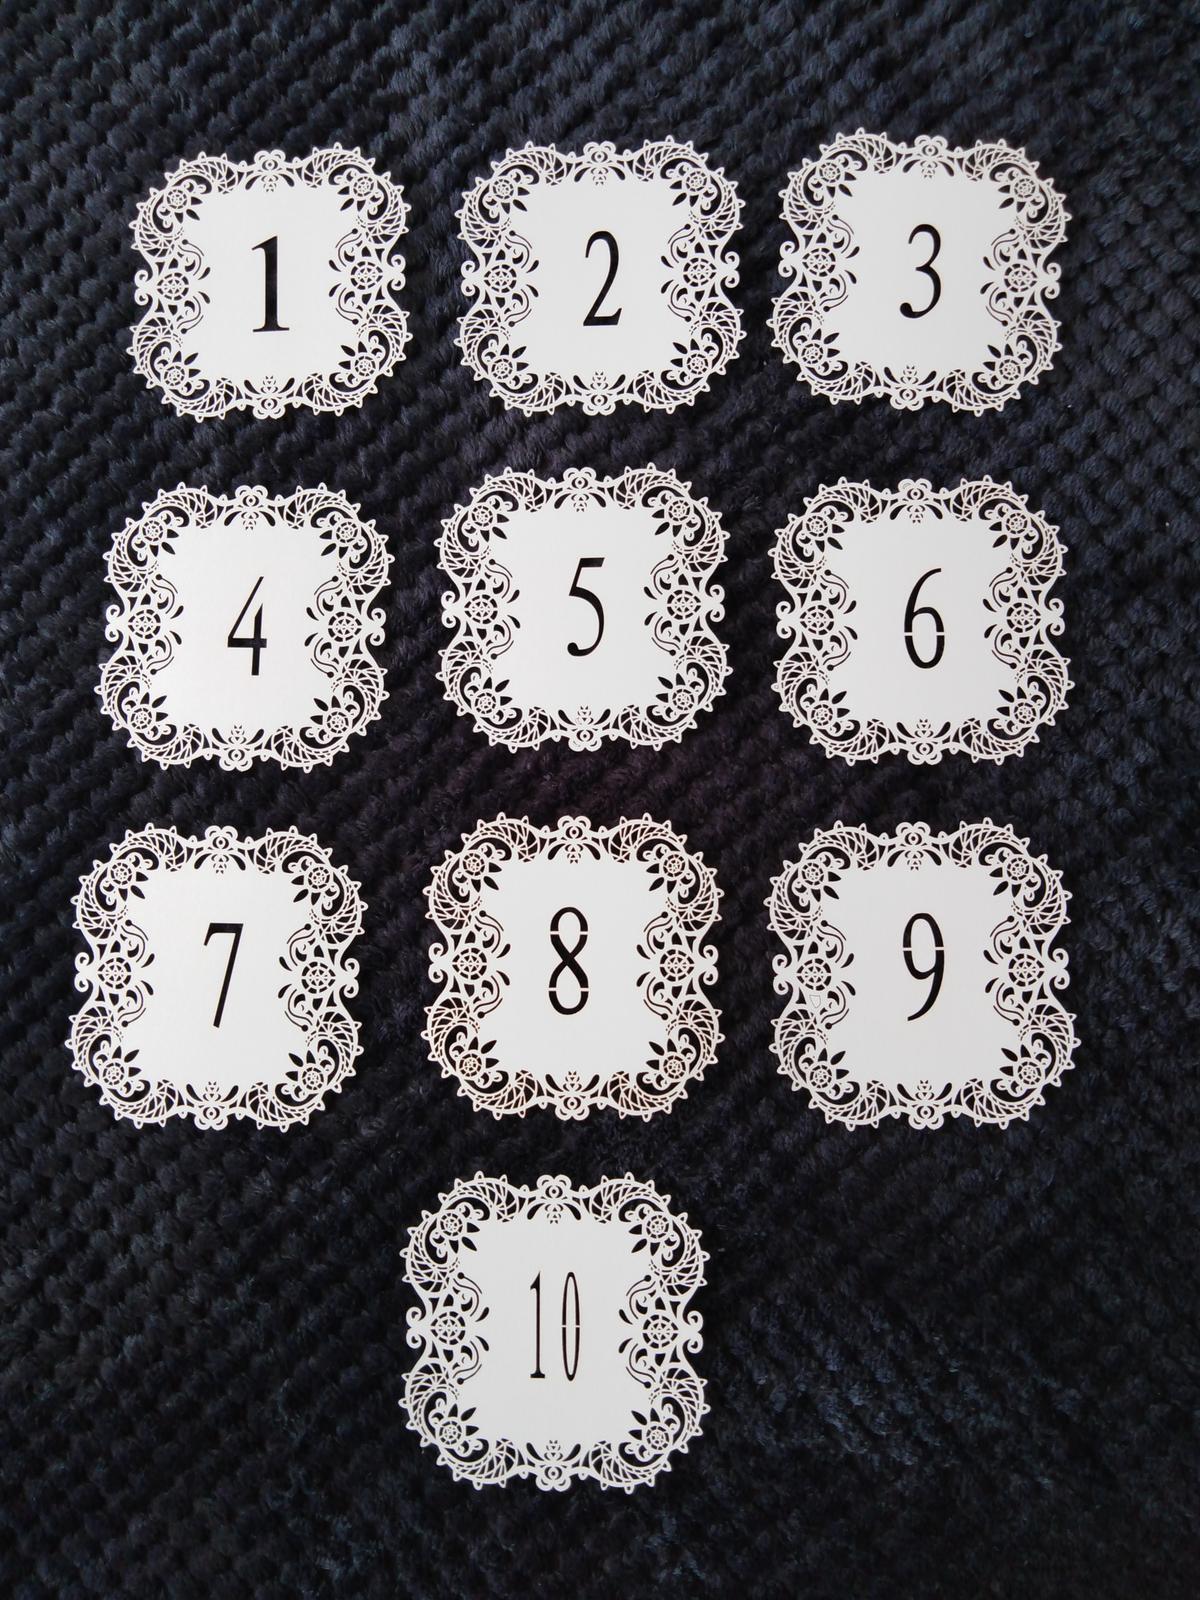 Čísla stolů - Obrázek č. 1